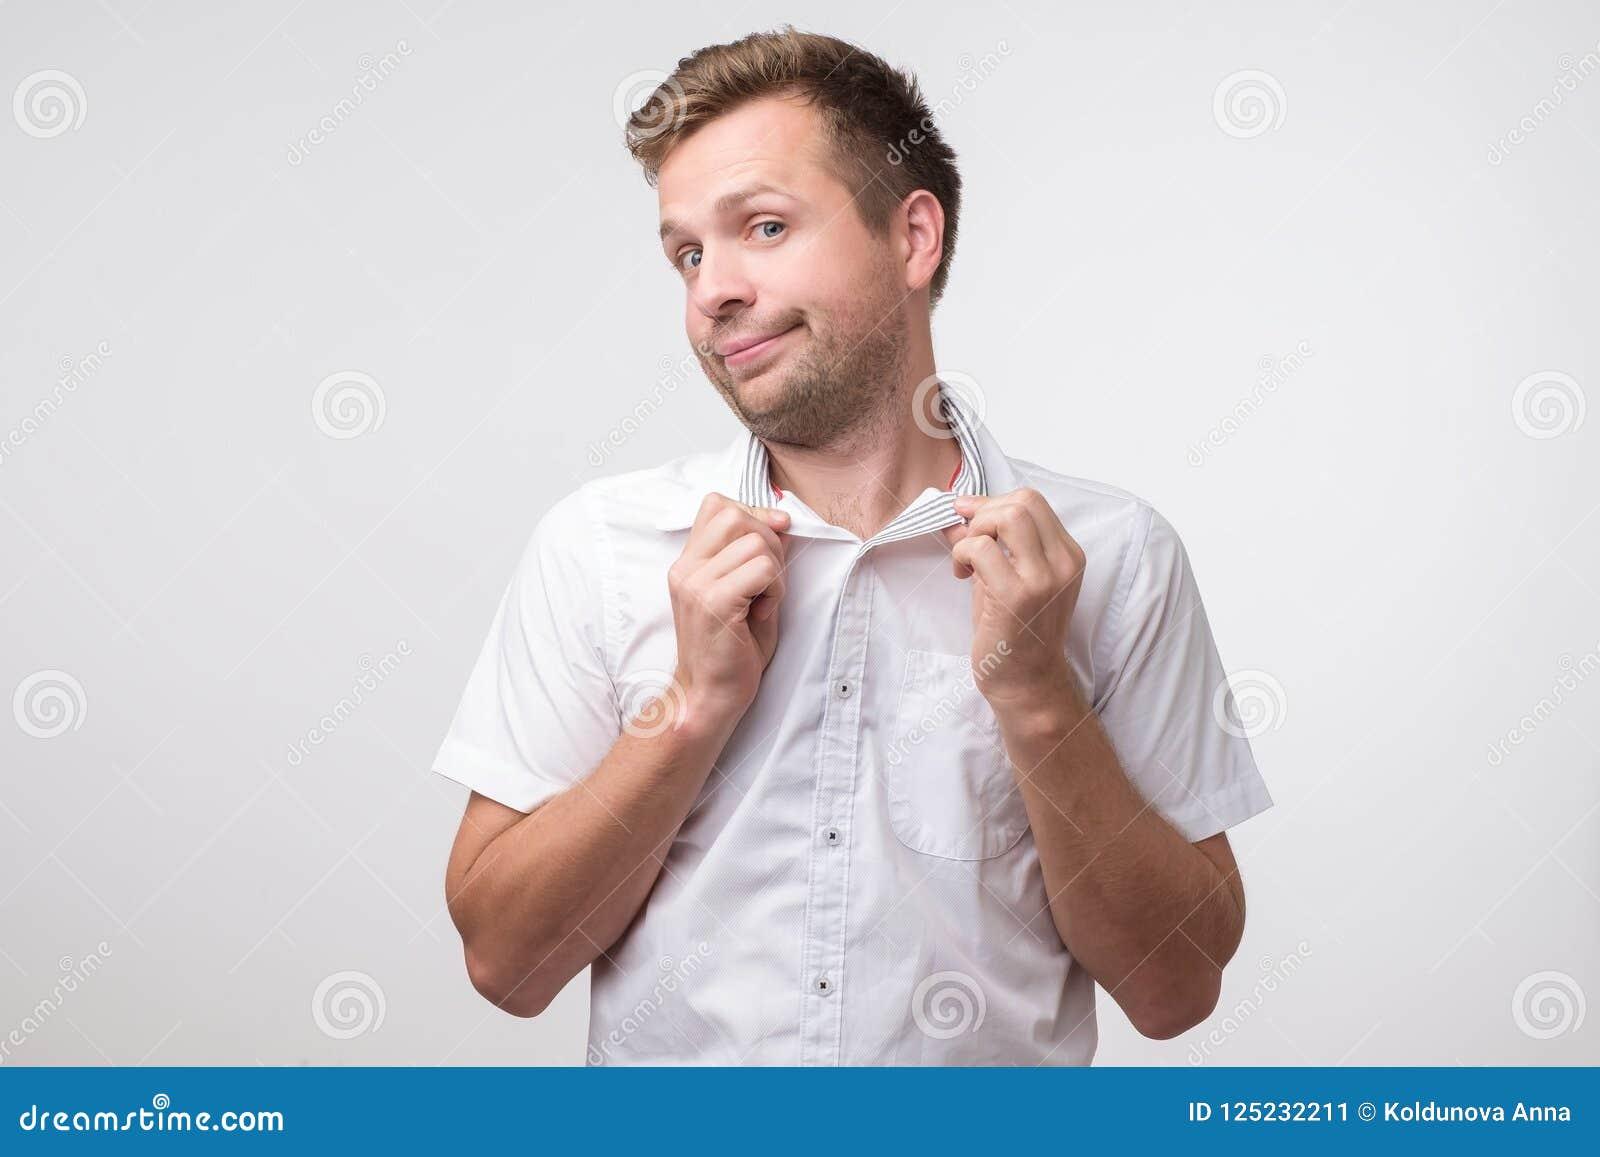 93e4bdeb0 Hombre sonriente lindo caucásico poting Comportamiento alegre y juguetón  Retrato de un individuo joven en la camisa blanca en fondo ligero